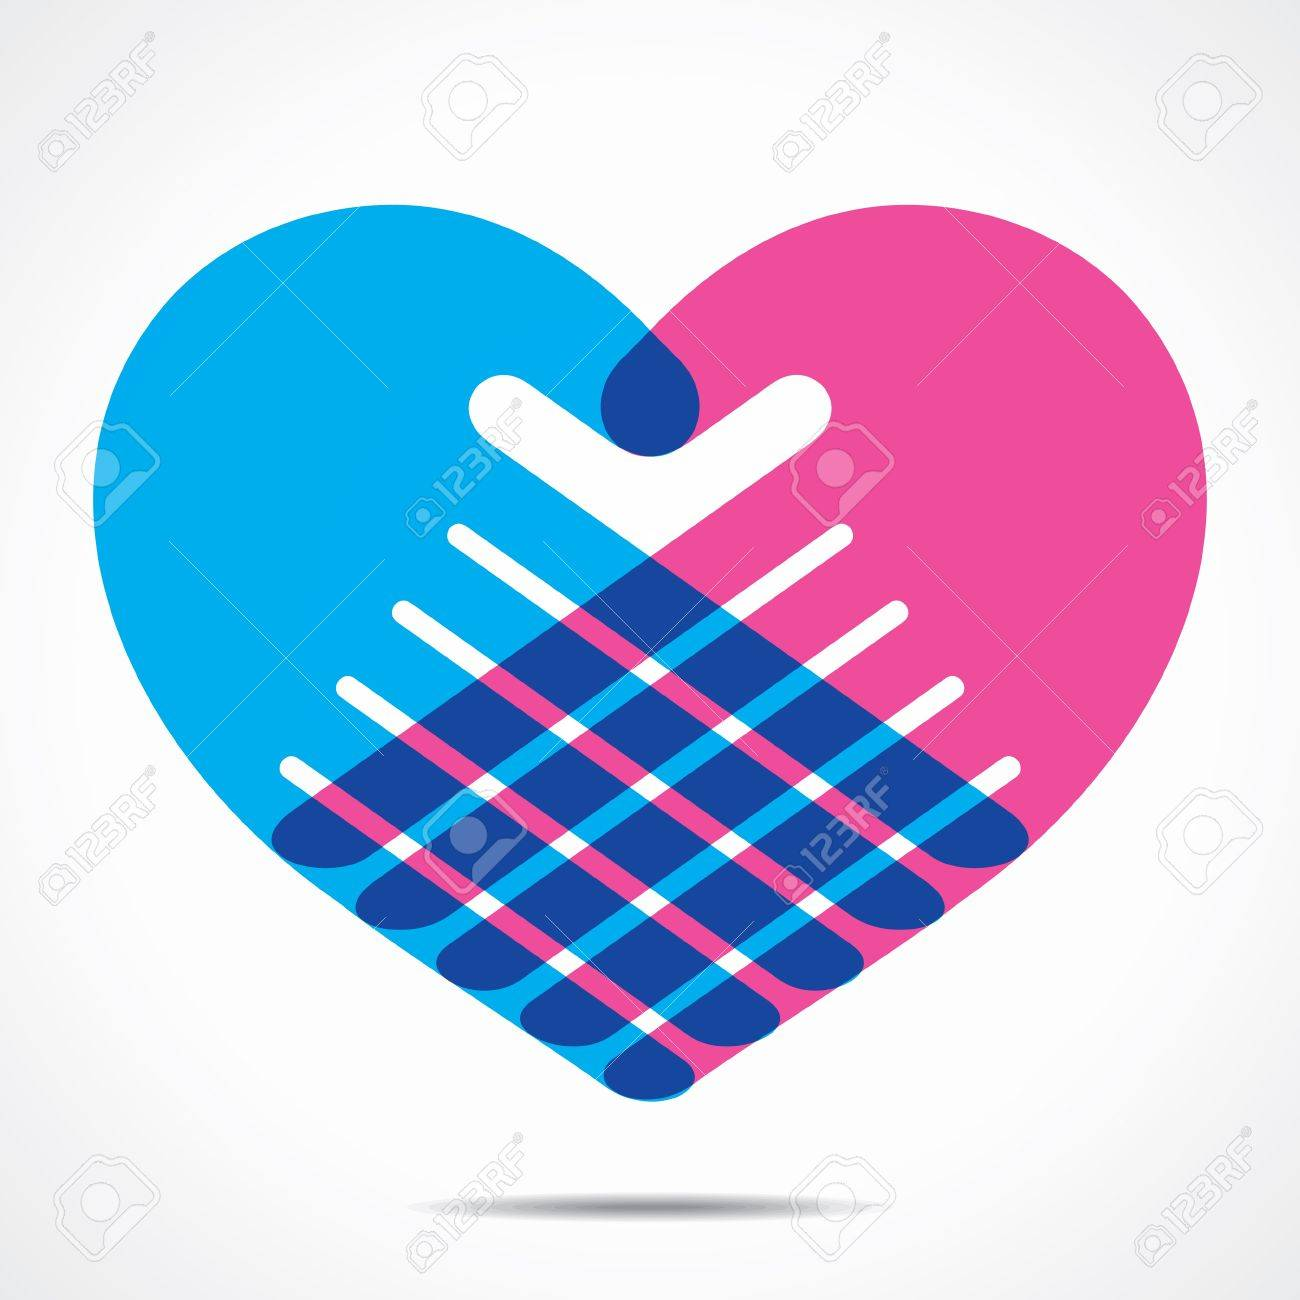 heart shape design for hand Stock Vector - 21694518